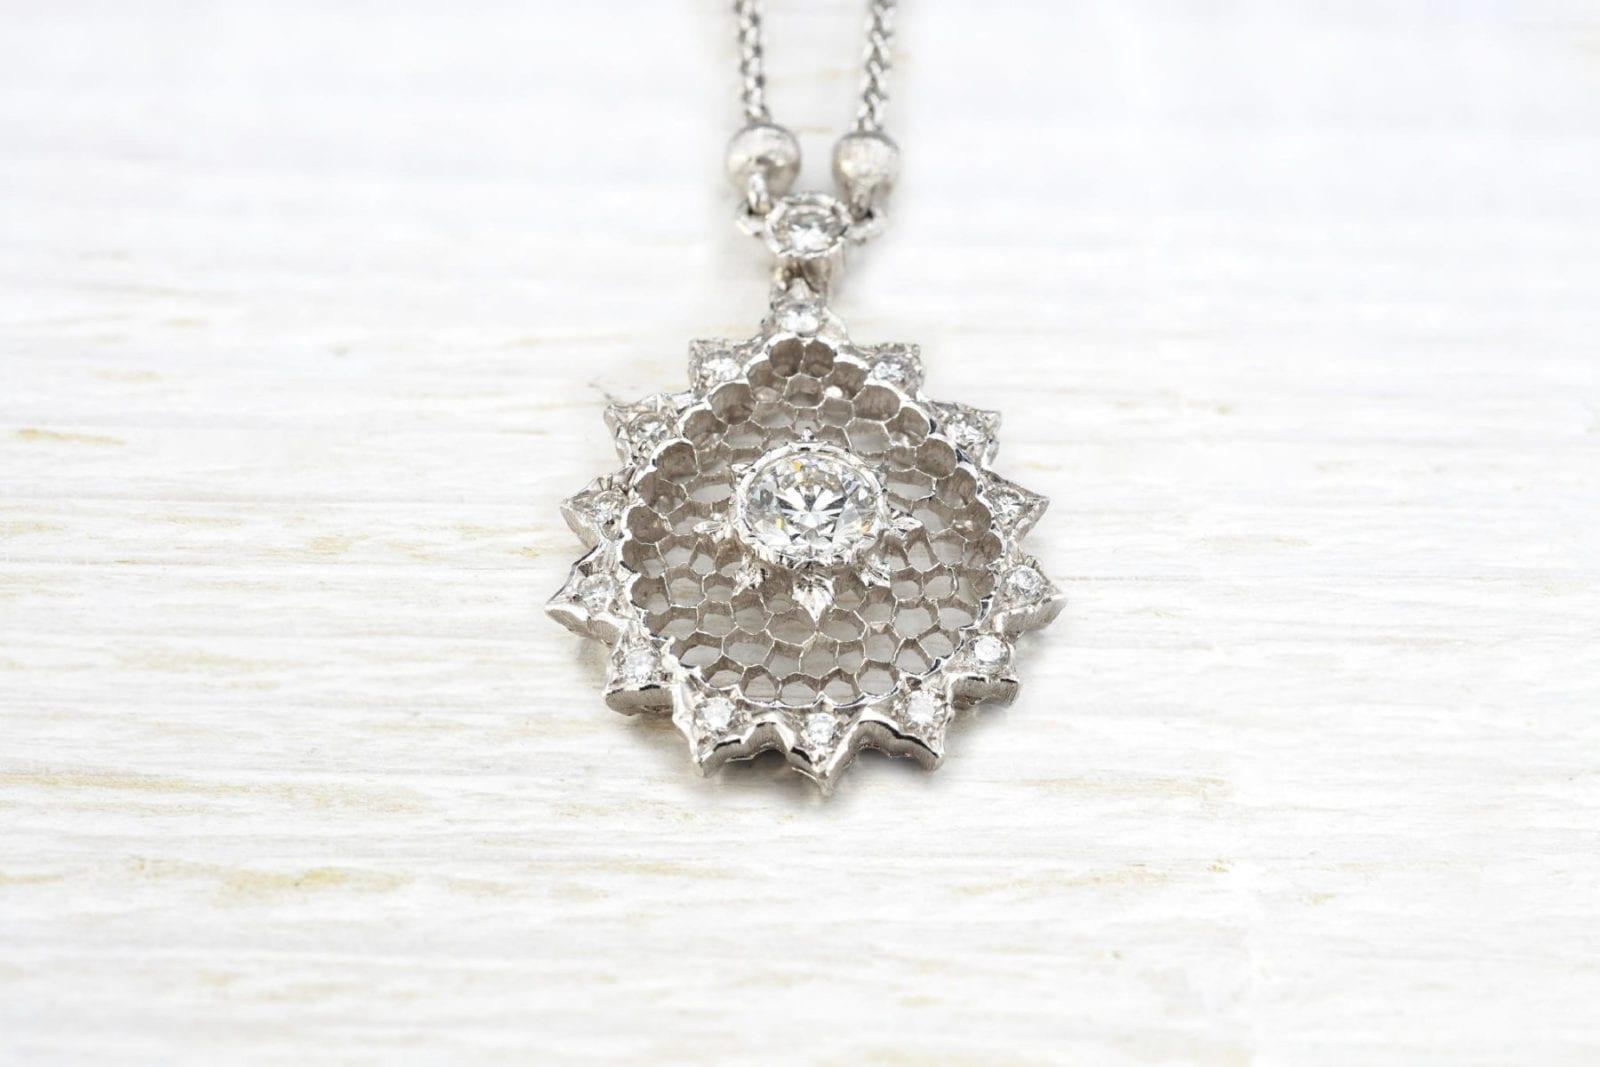 Collier et pendentif diamant signé Buccellati